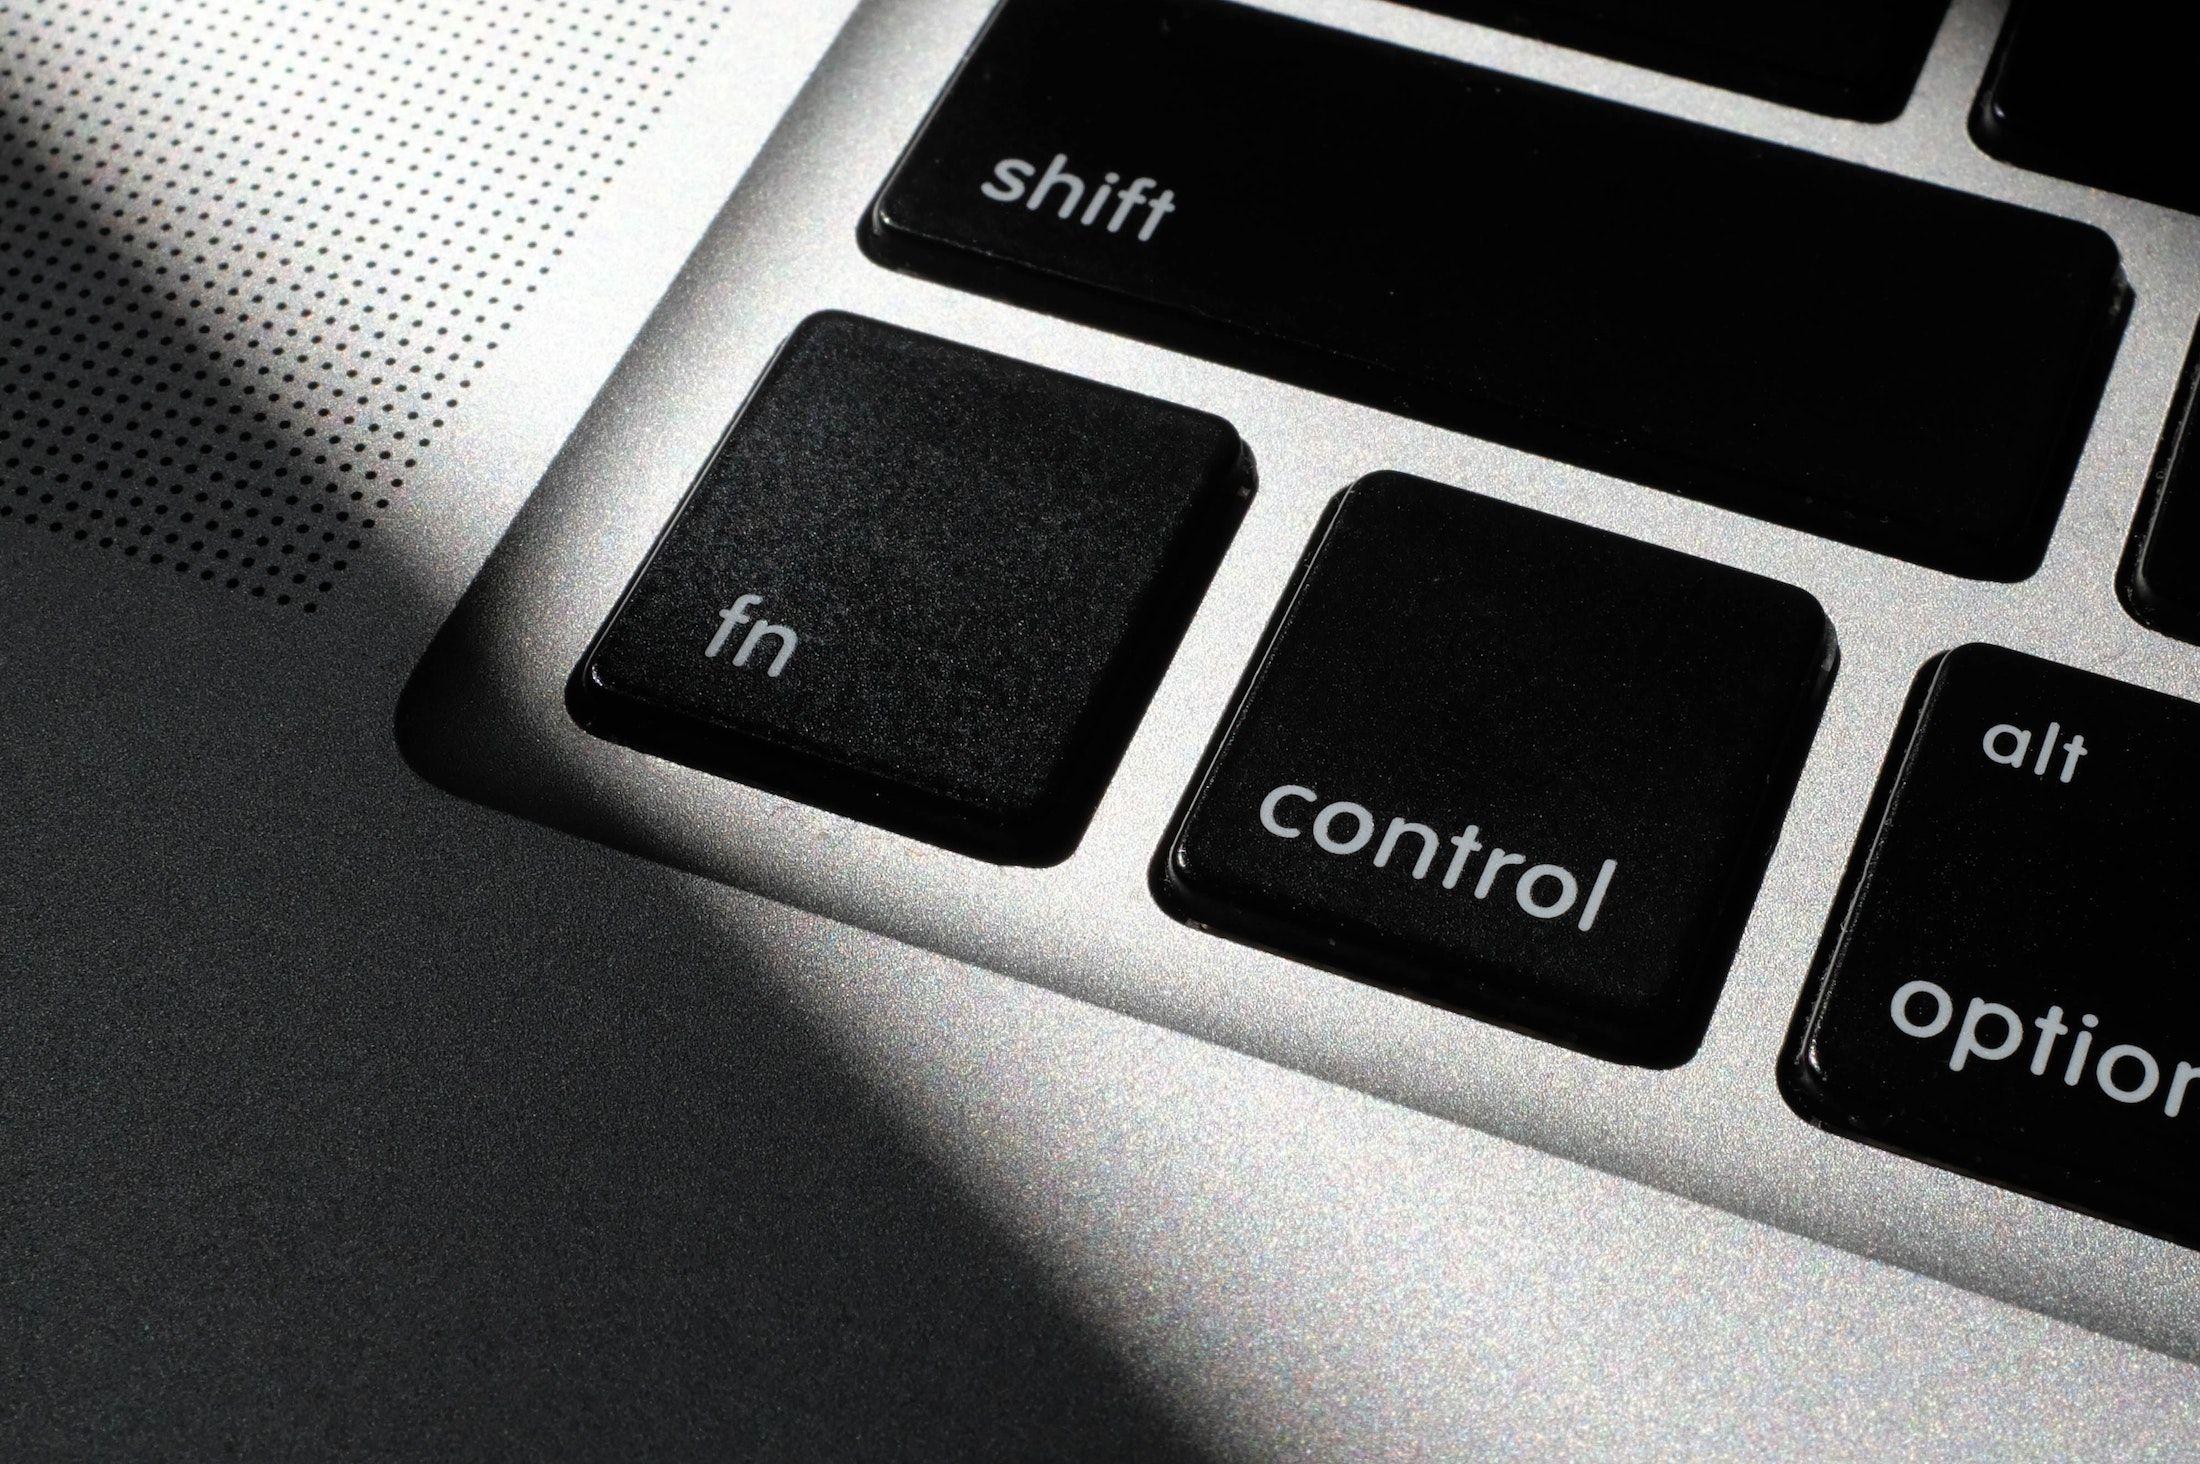 Control-Taste einer Macbook-Tastatur